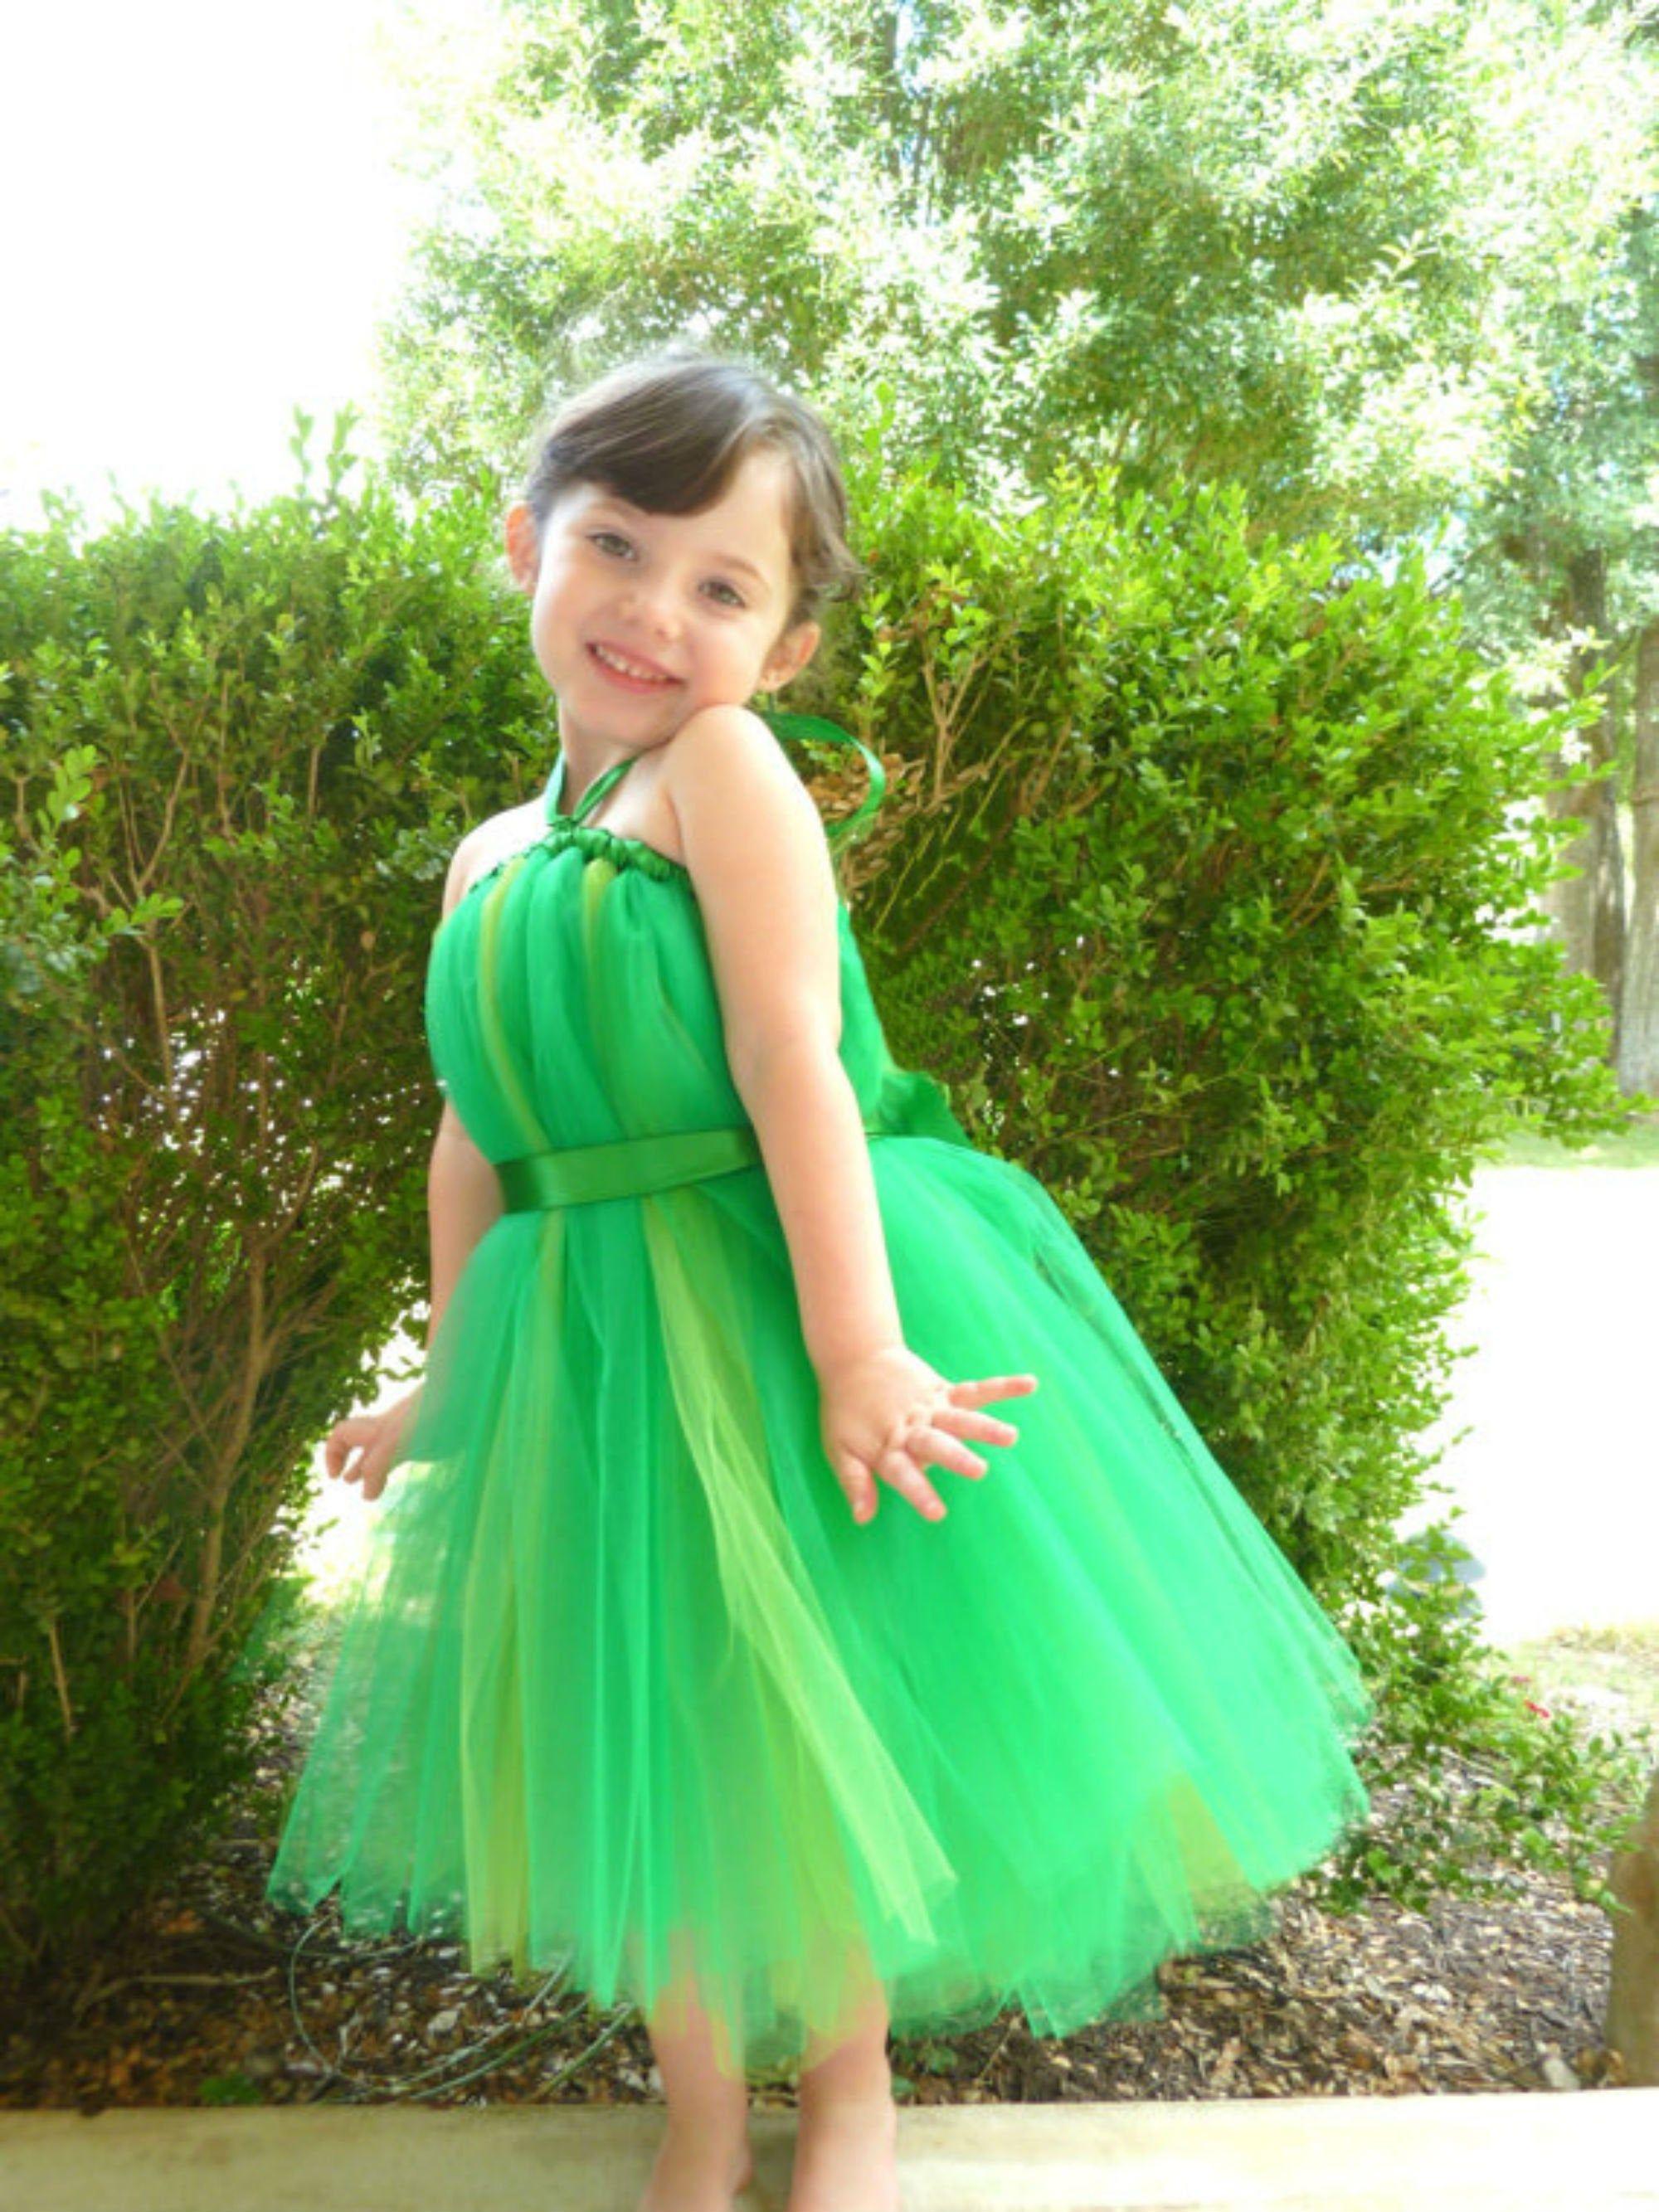 Tinkerbell Costume Green Fairy Tutu Dress Tinkerbell Tutu Etsy Fairy Dress Tinker Bell Costume Tinkerbell Dress [ 2667 x 2000 Pixel ]